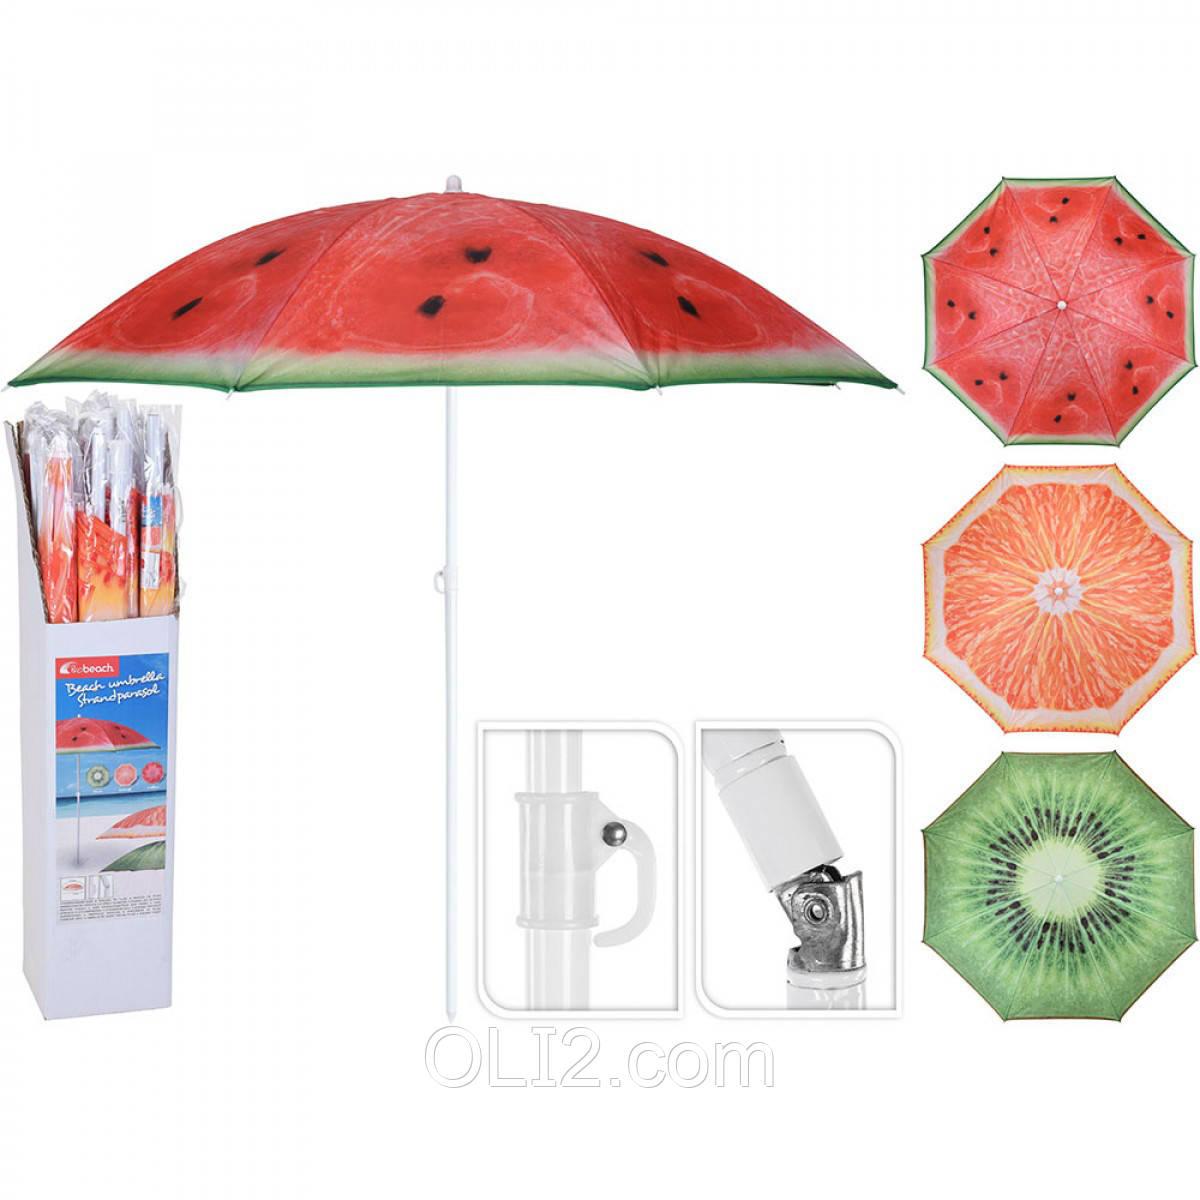 Пляжный зонт с наклоном и фруктовым принтом + защита от ультрафиолета